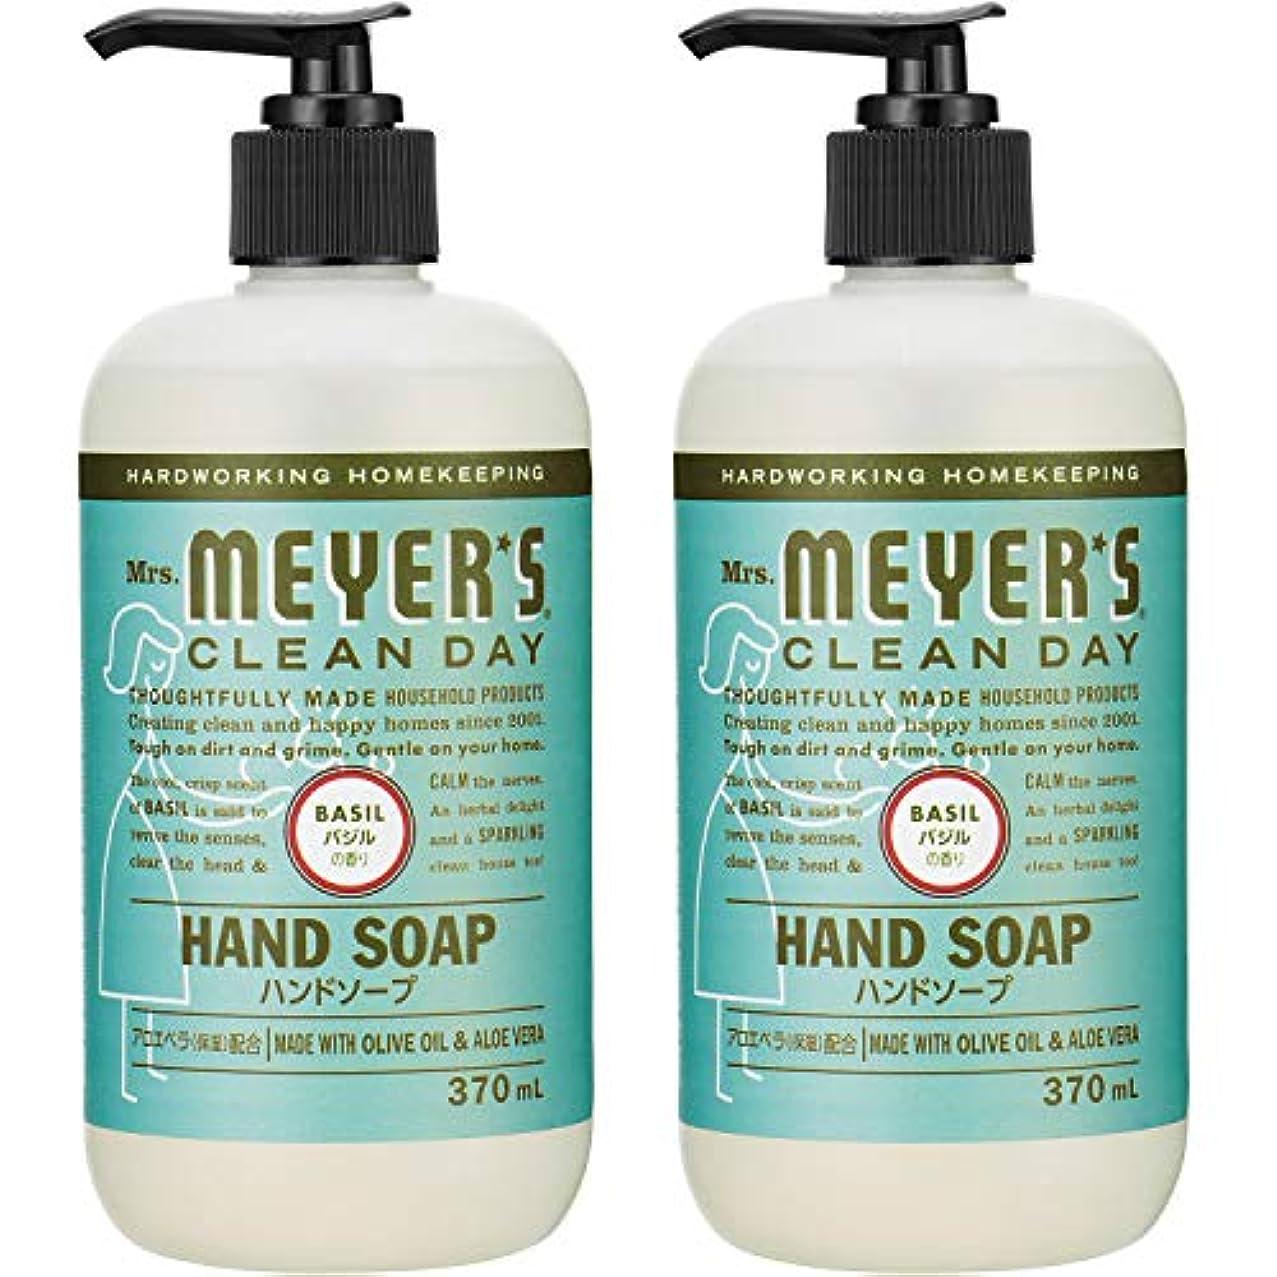 あごトンネルいまMrs. MEYER'S CLEAN DAY(ミセスマイヤーズ クリーンデイ) ミセスマイヤーズ クリーンデイ(Mrs.Meyers Clean Day) ハンドソープ バジルの香り 370ml×2個